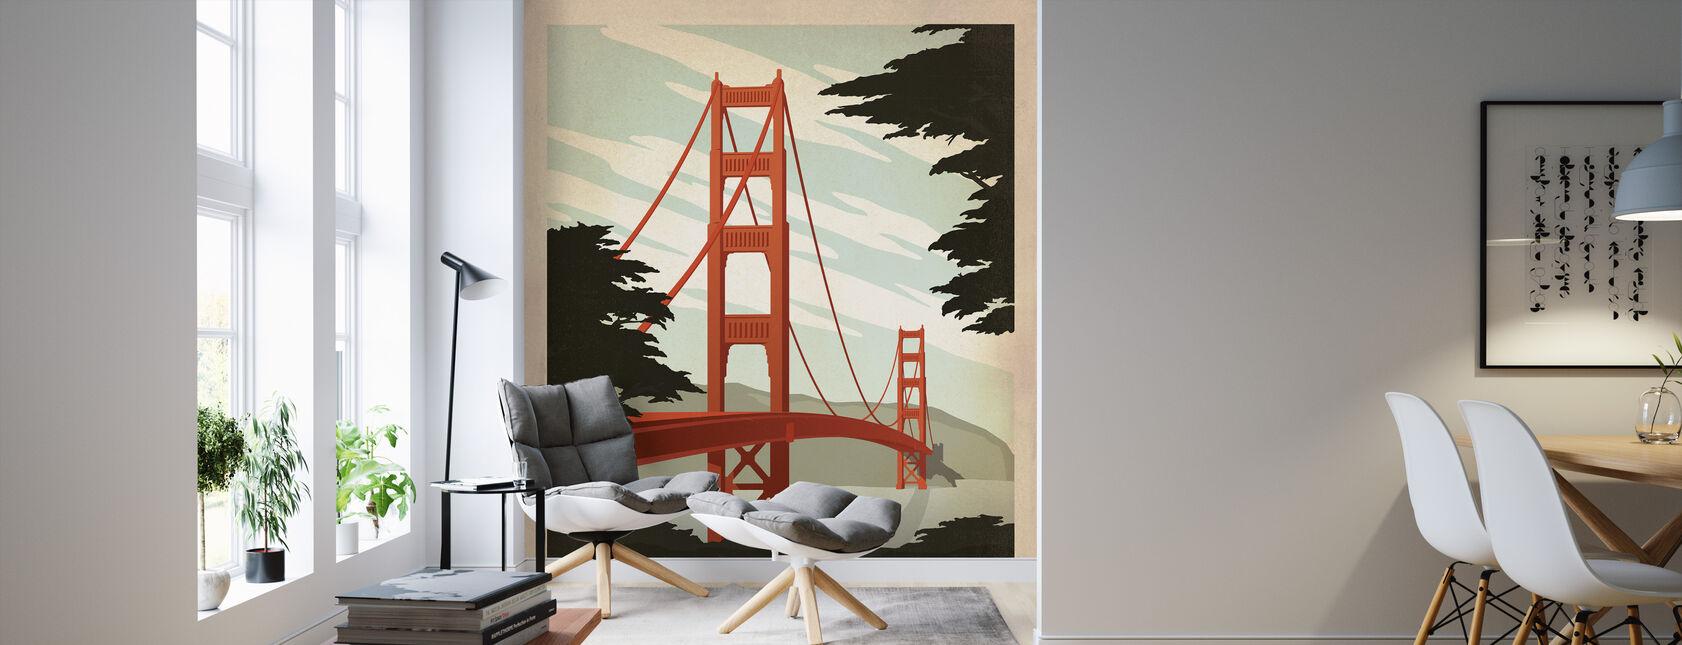 San Francisco - Wallpaper - Living Room